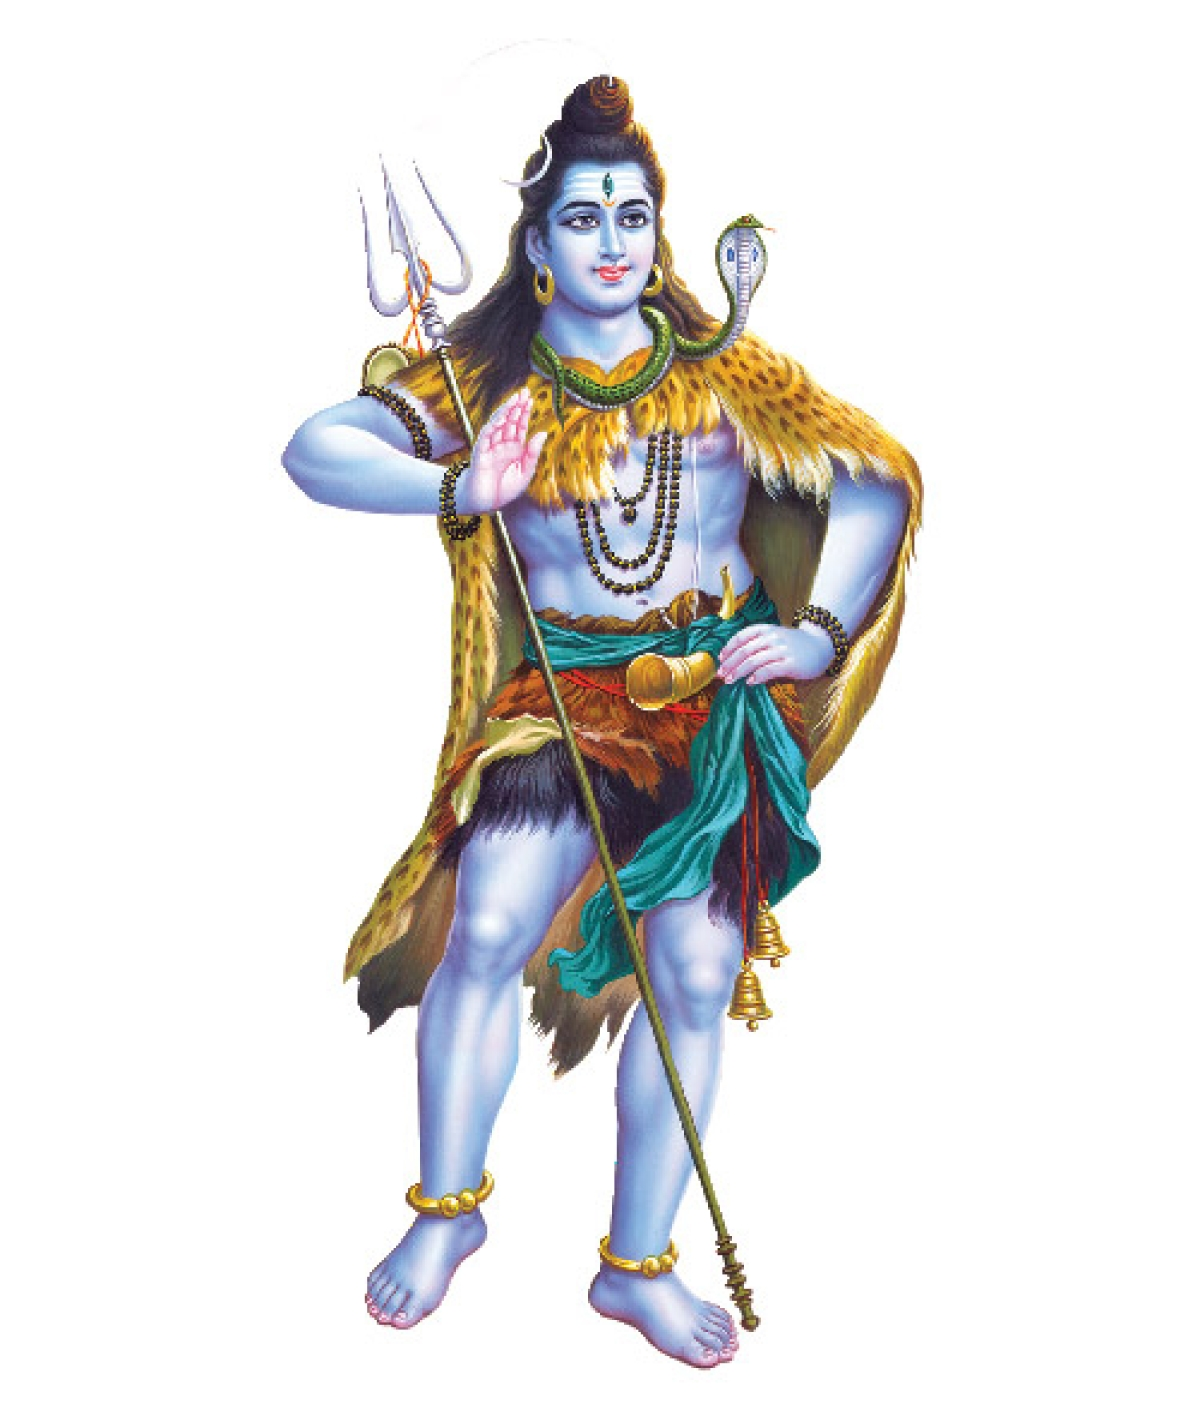 மனசெல்லாம் மந்திரம்! - 4